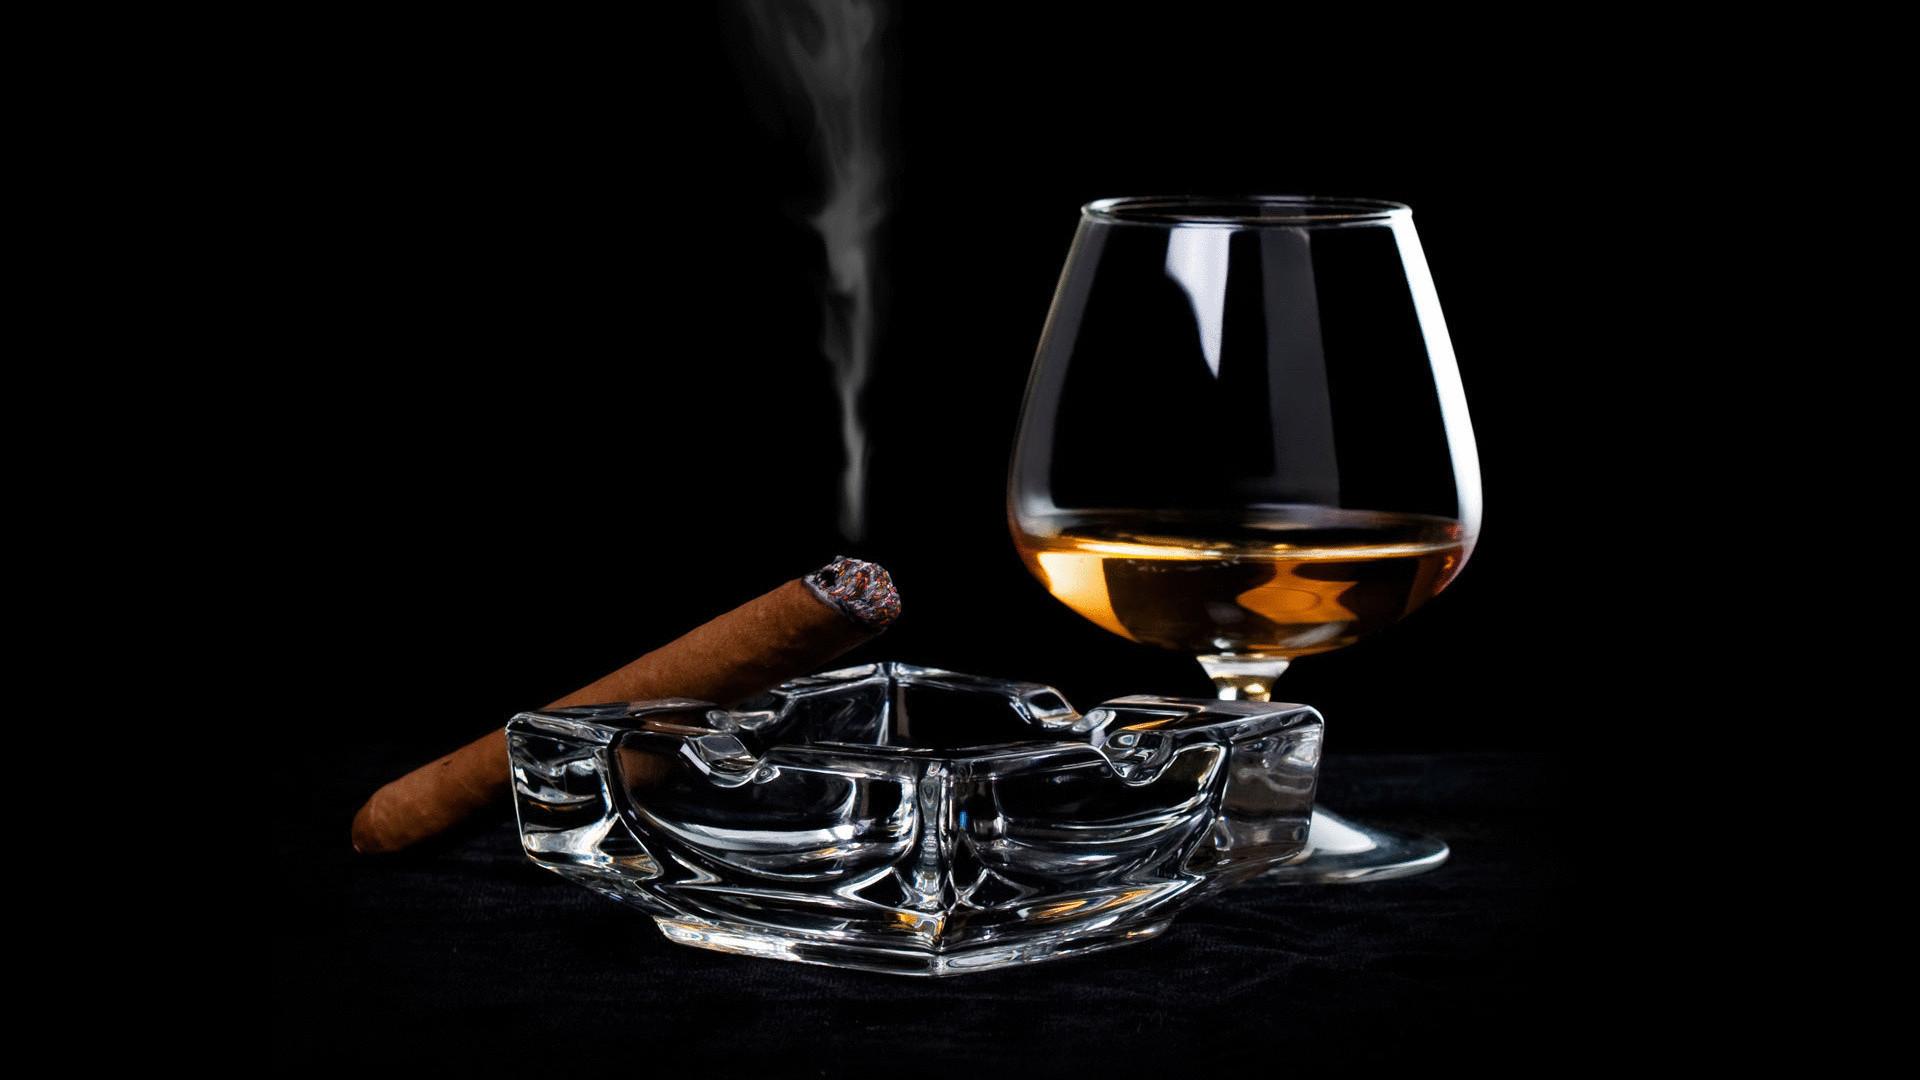 Cuban Cigar Wallpaper 63 Images